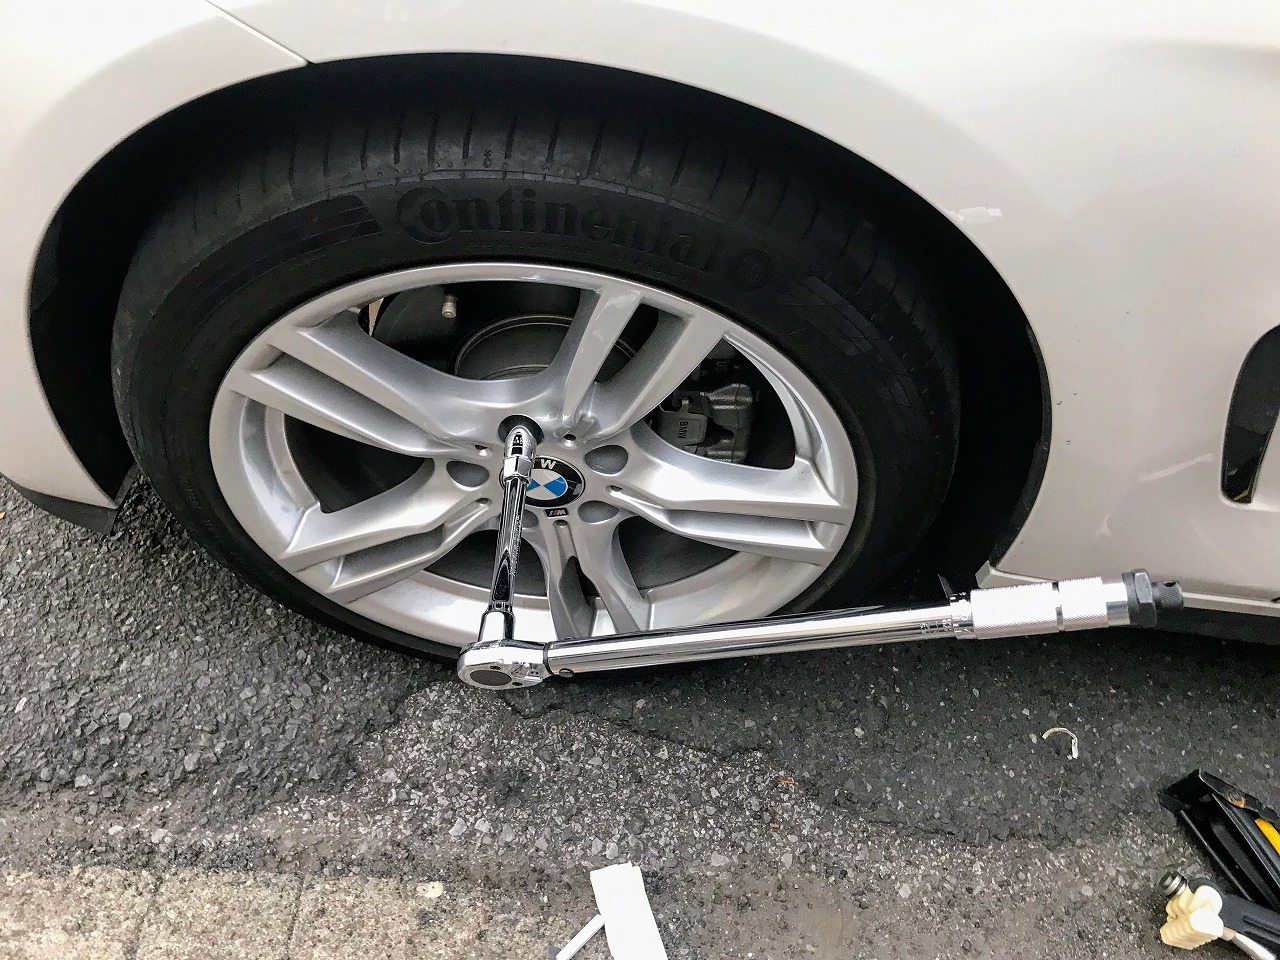 Ikebukuro BMWディーラーの展示車4台を見てきたのでフォトインプレッション・レポート♪